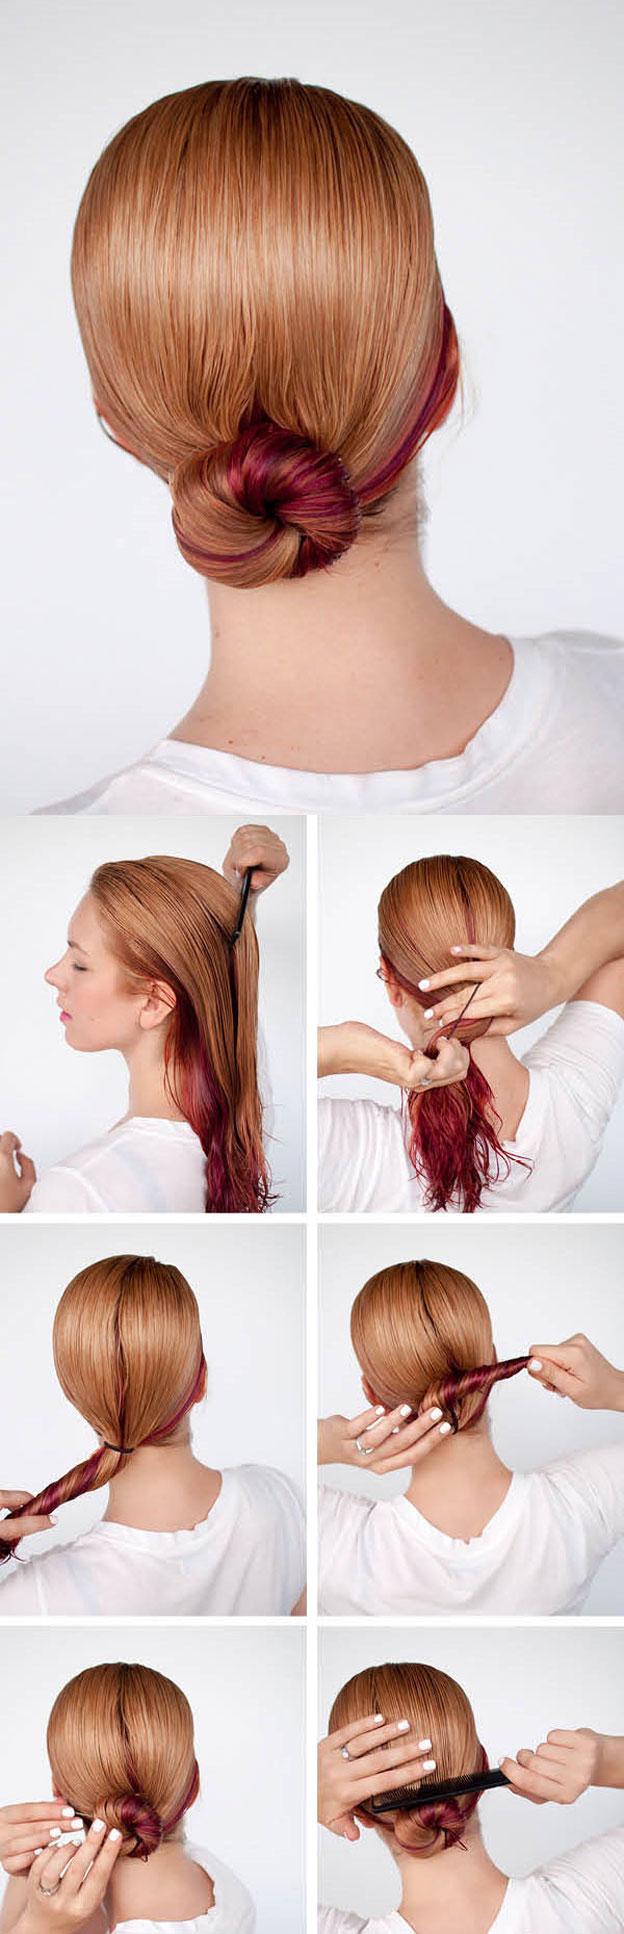 Как сделать низкую шишку из жгута без бублика: пошаговая инструкция